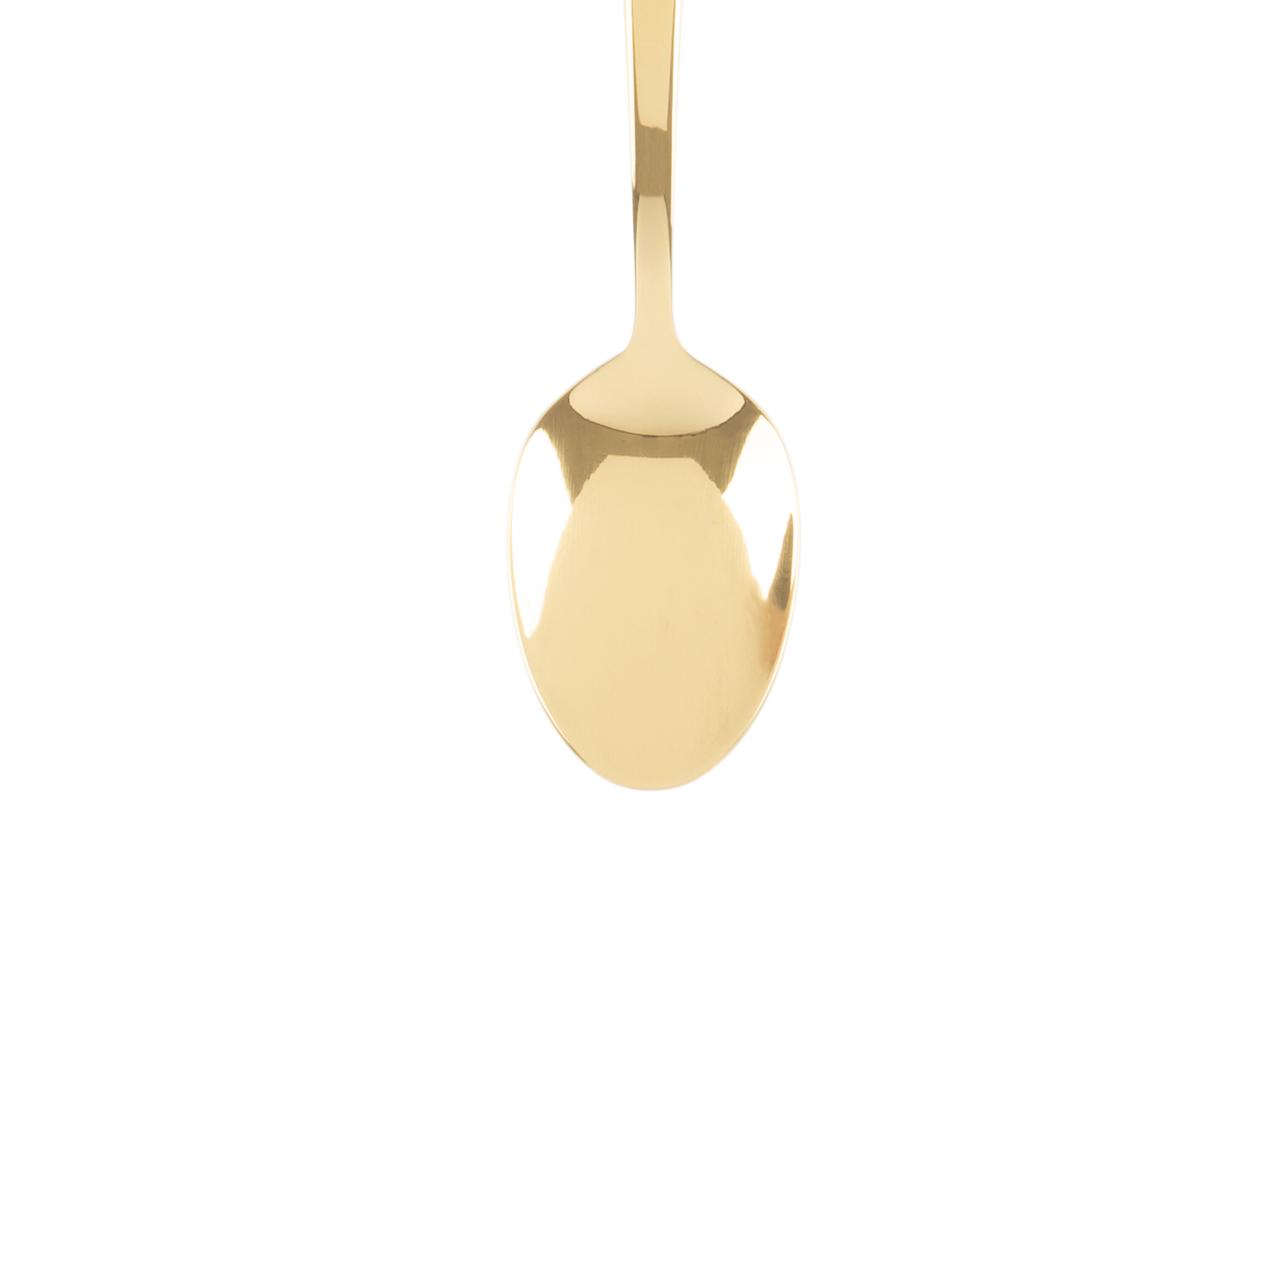 Jogo 6 Colheres para chá de aço inox Pisa  Dourado Wolff - 71543